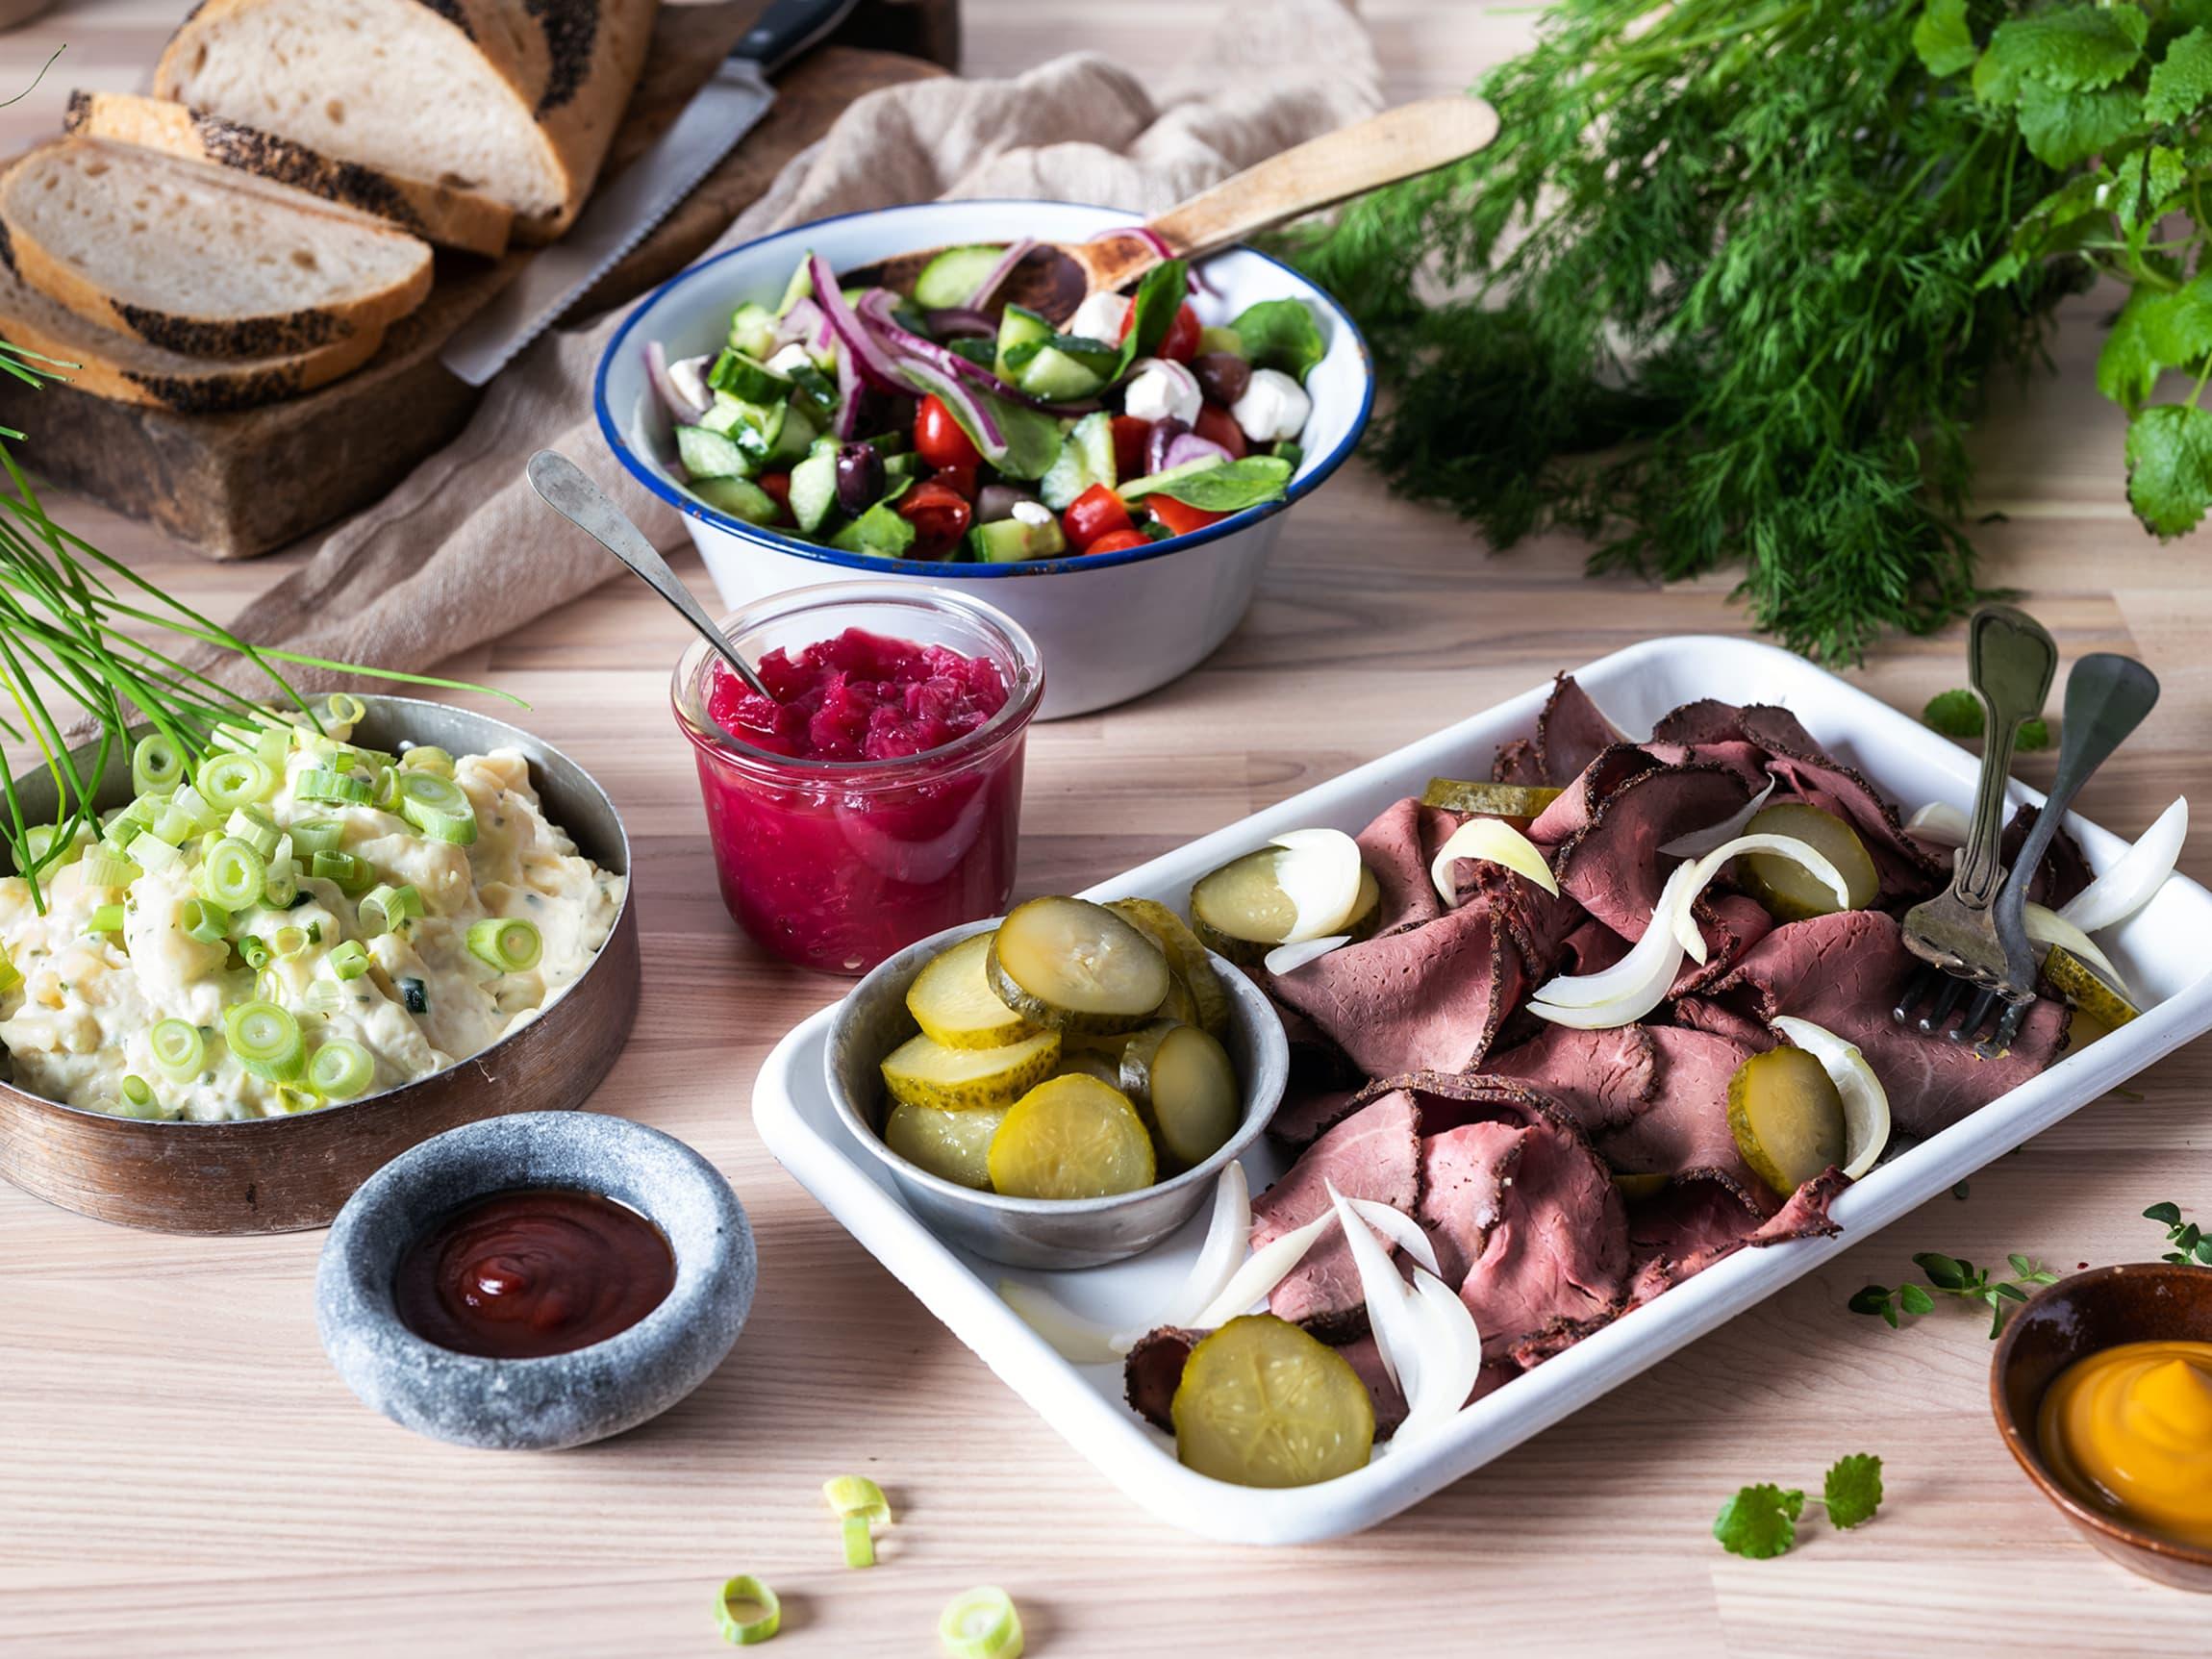 Tilbehør som gresk salat, hjemmelaget potetsalat og tilbehør som gode sauser og syltet rødløk gjør kolftbordet til festmat som imponerer.